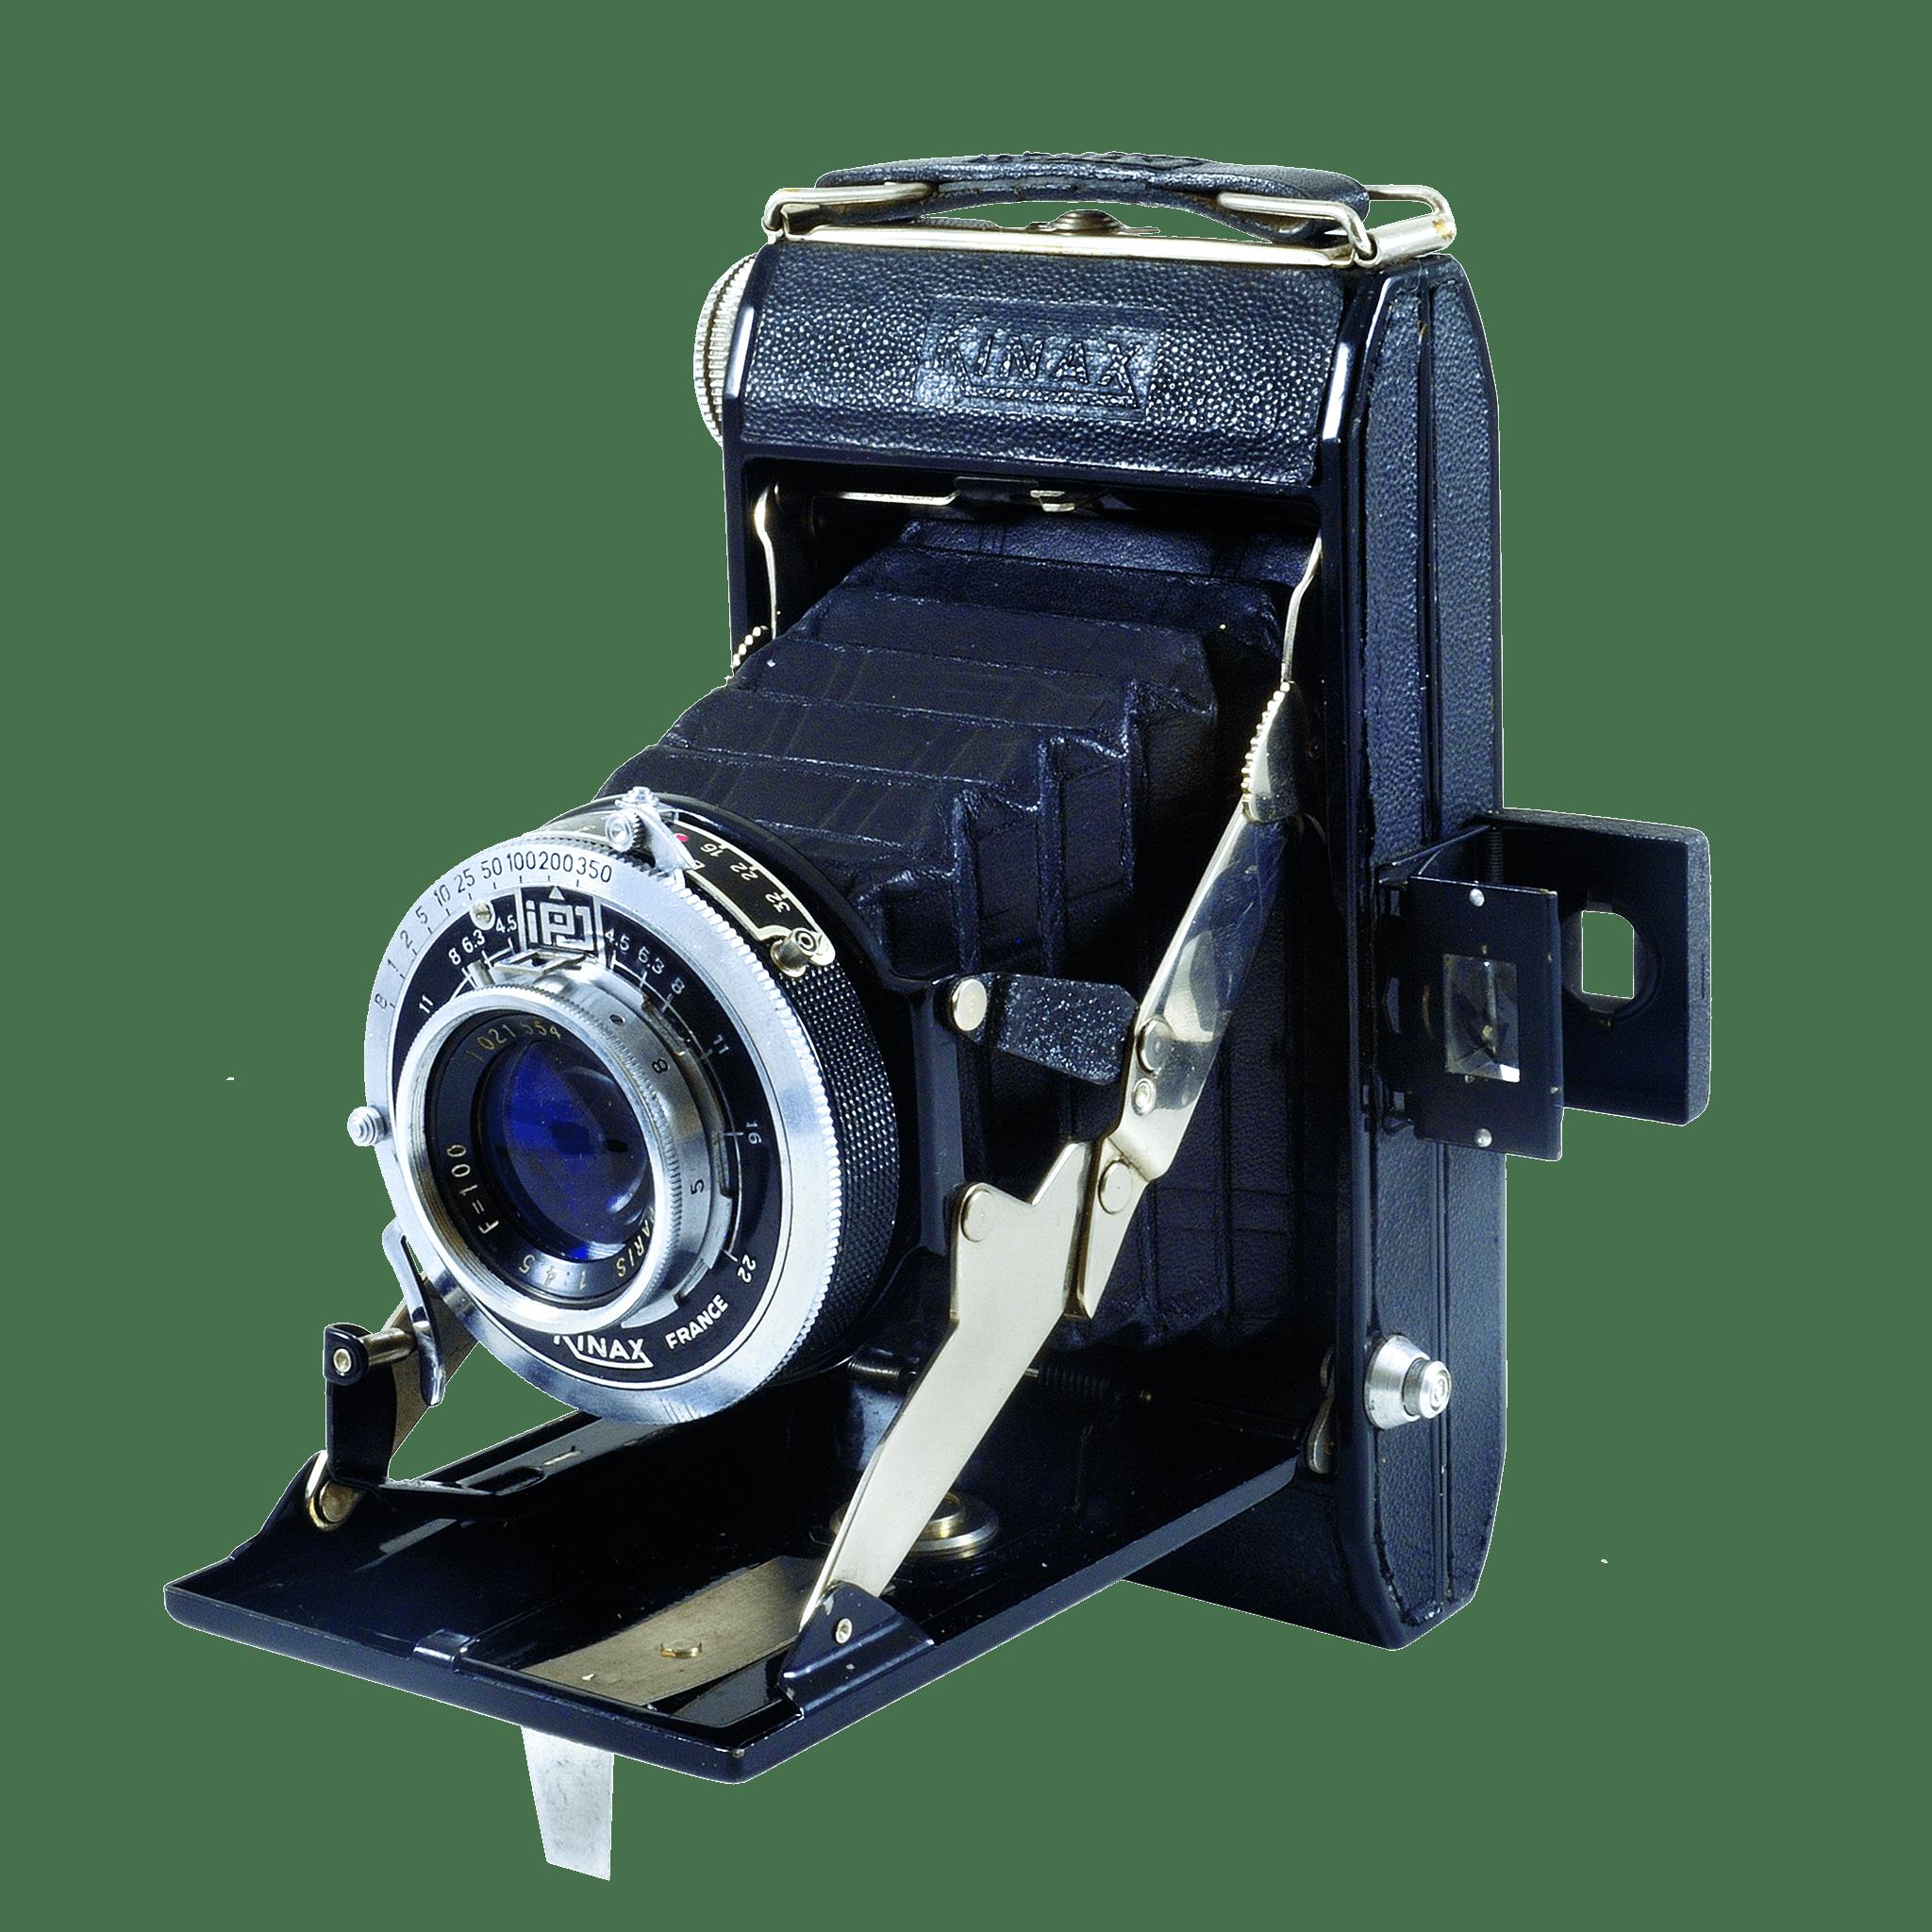 Un appareil photographique